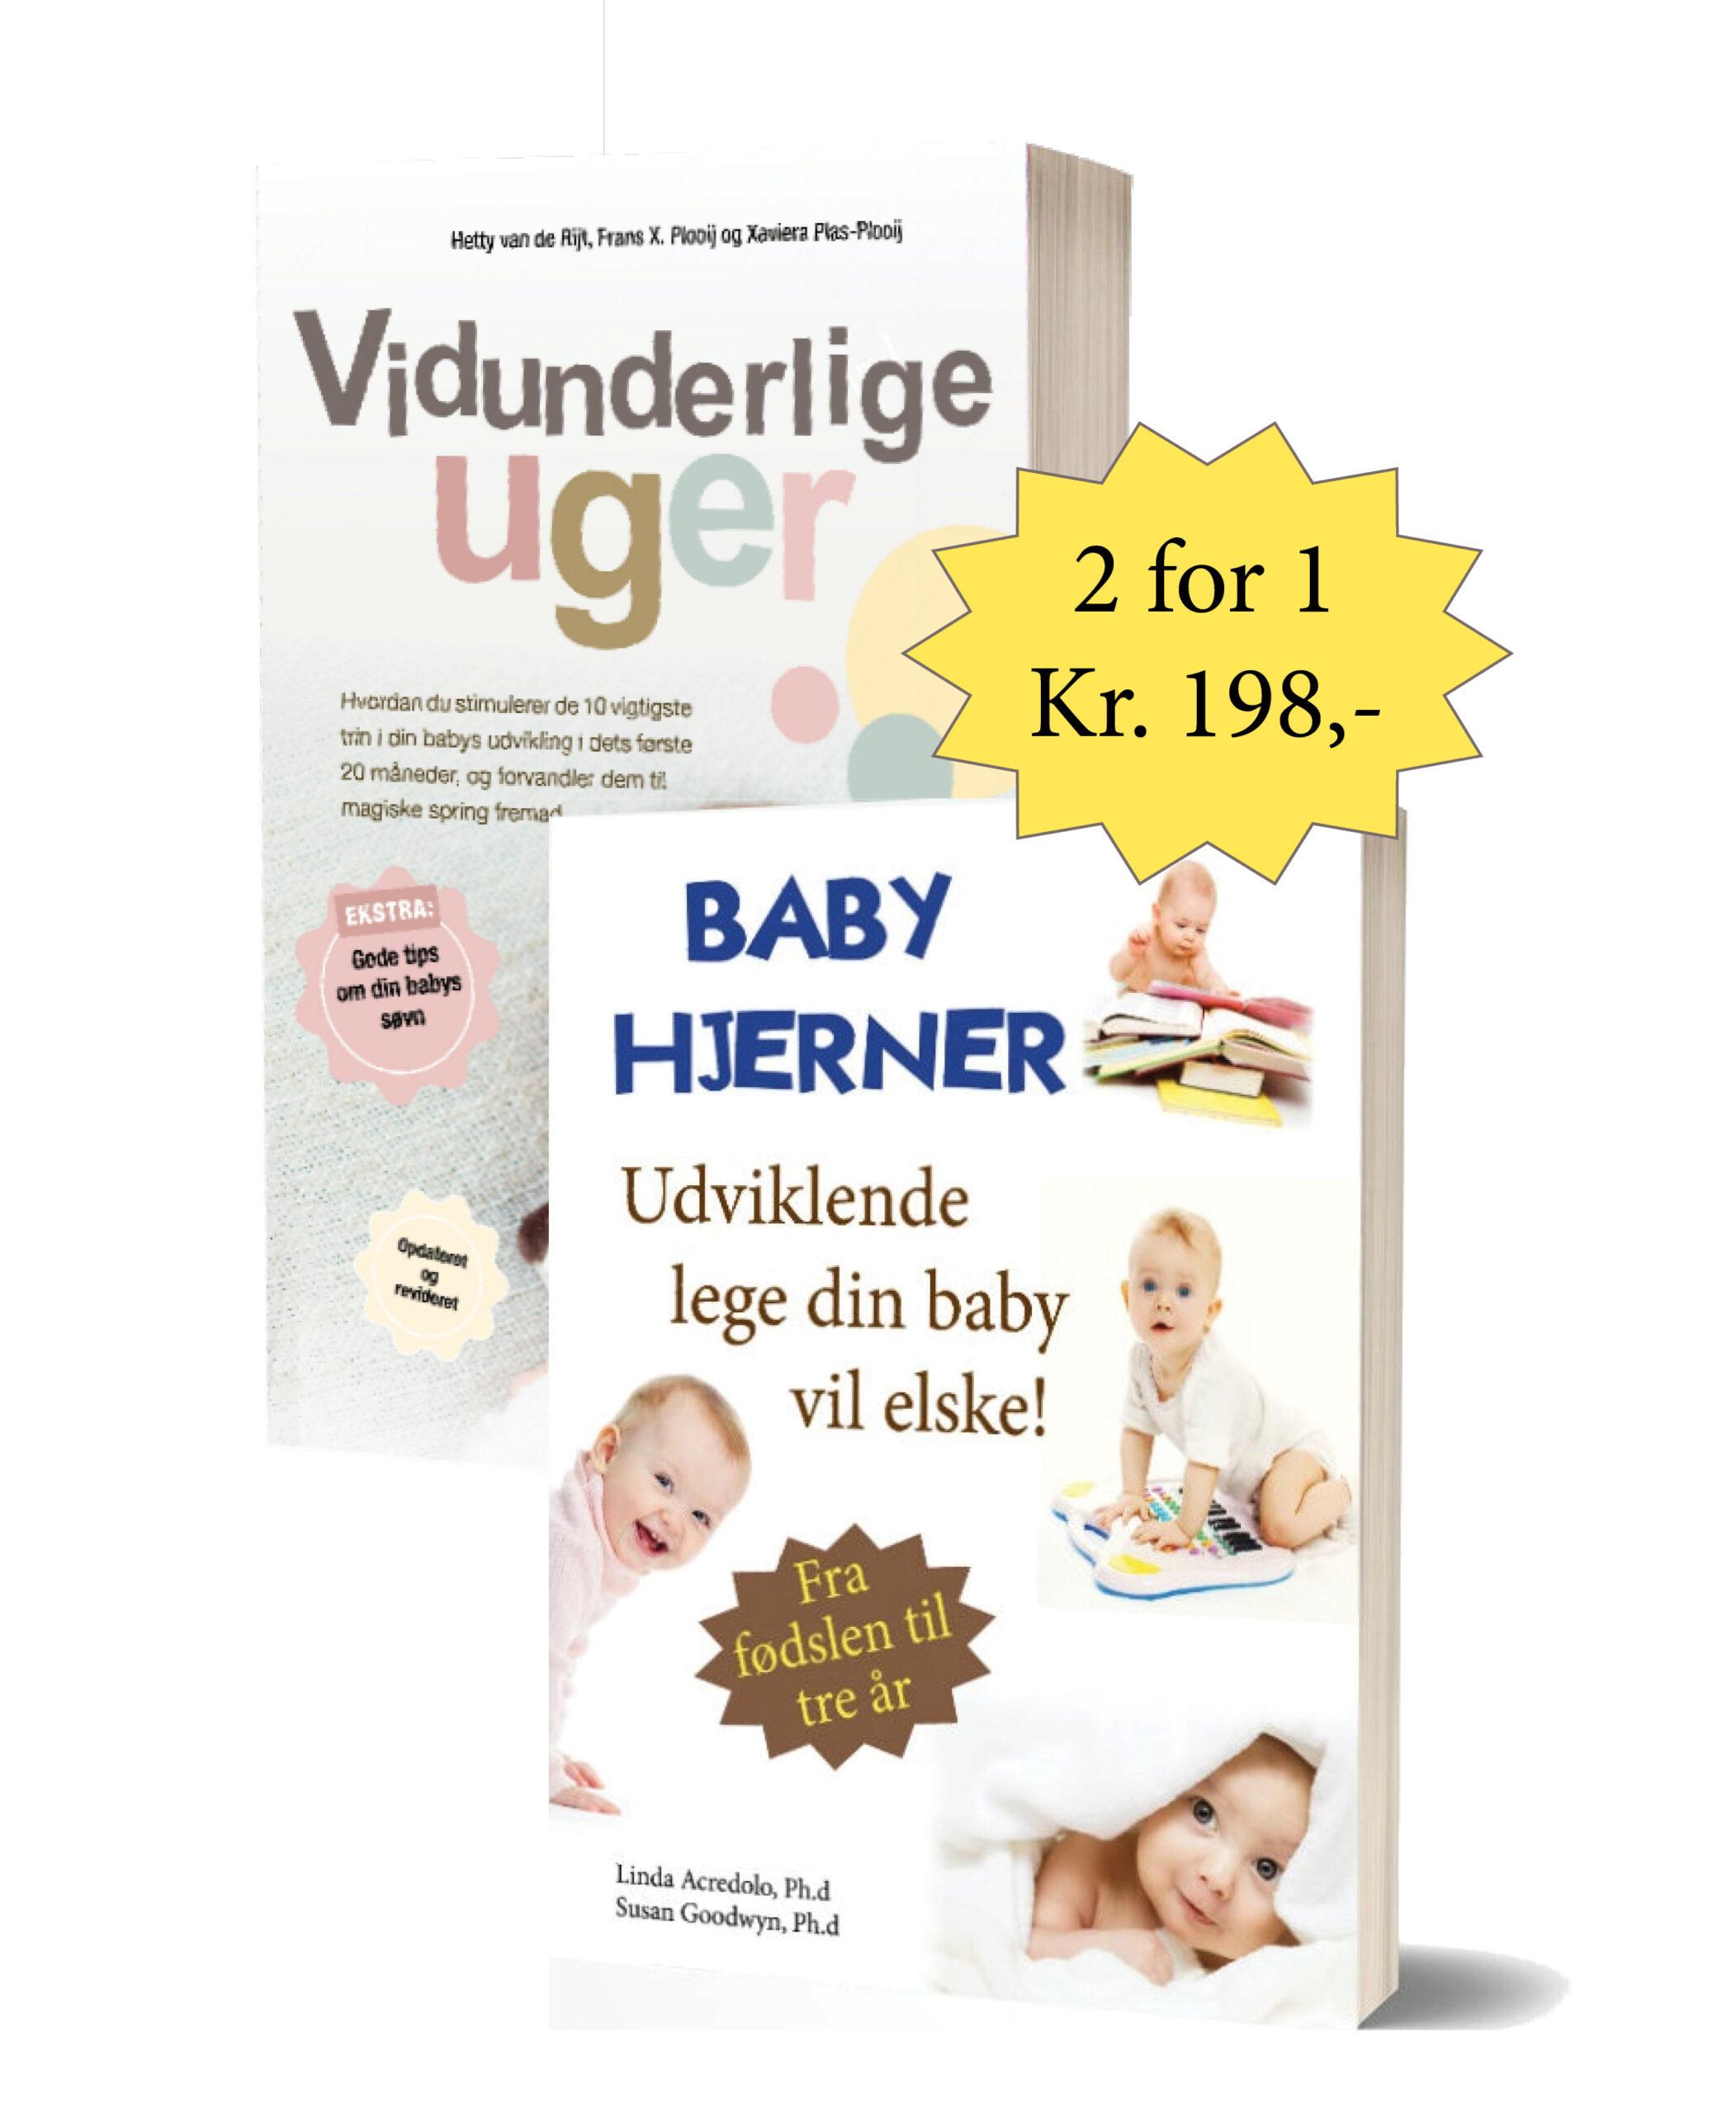 Vidunderlige Uger, babys udvikling, tigerspring, lege for 1 årige, bøger om baby